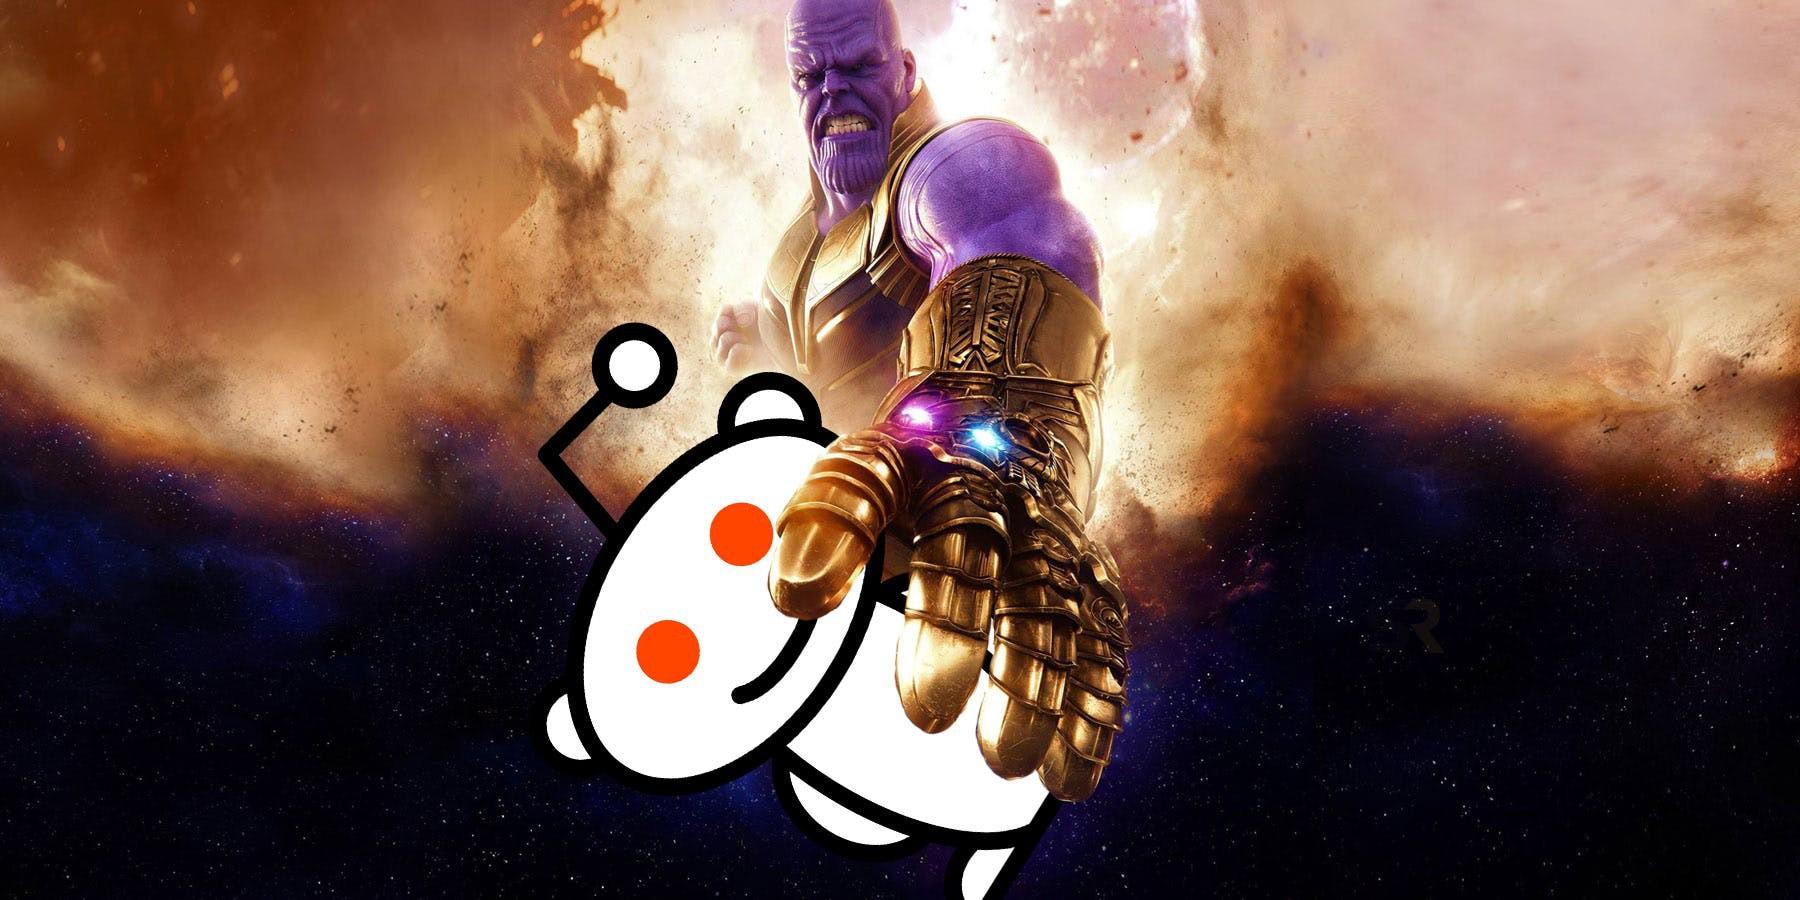 Thêm một sự thật về độ tàn nhẫn của Thanos được tiết lộ: Búng tay rút gọn phân số cả người lẫn thú! - Ảnh 4.